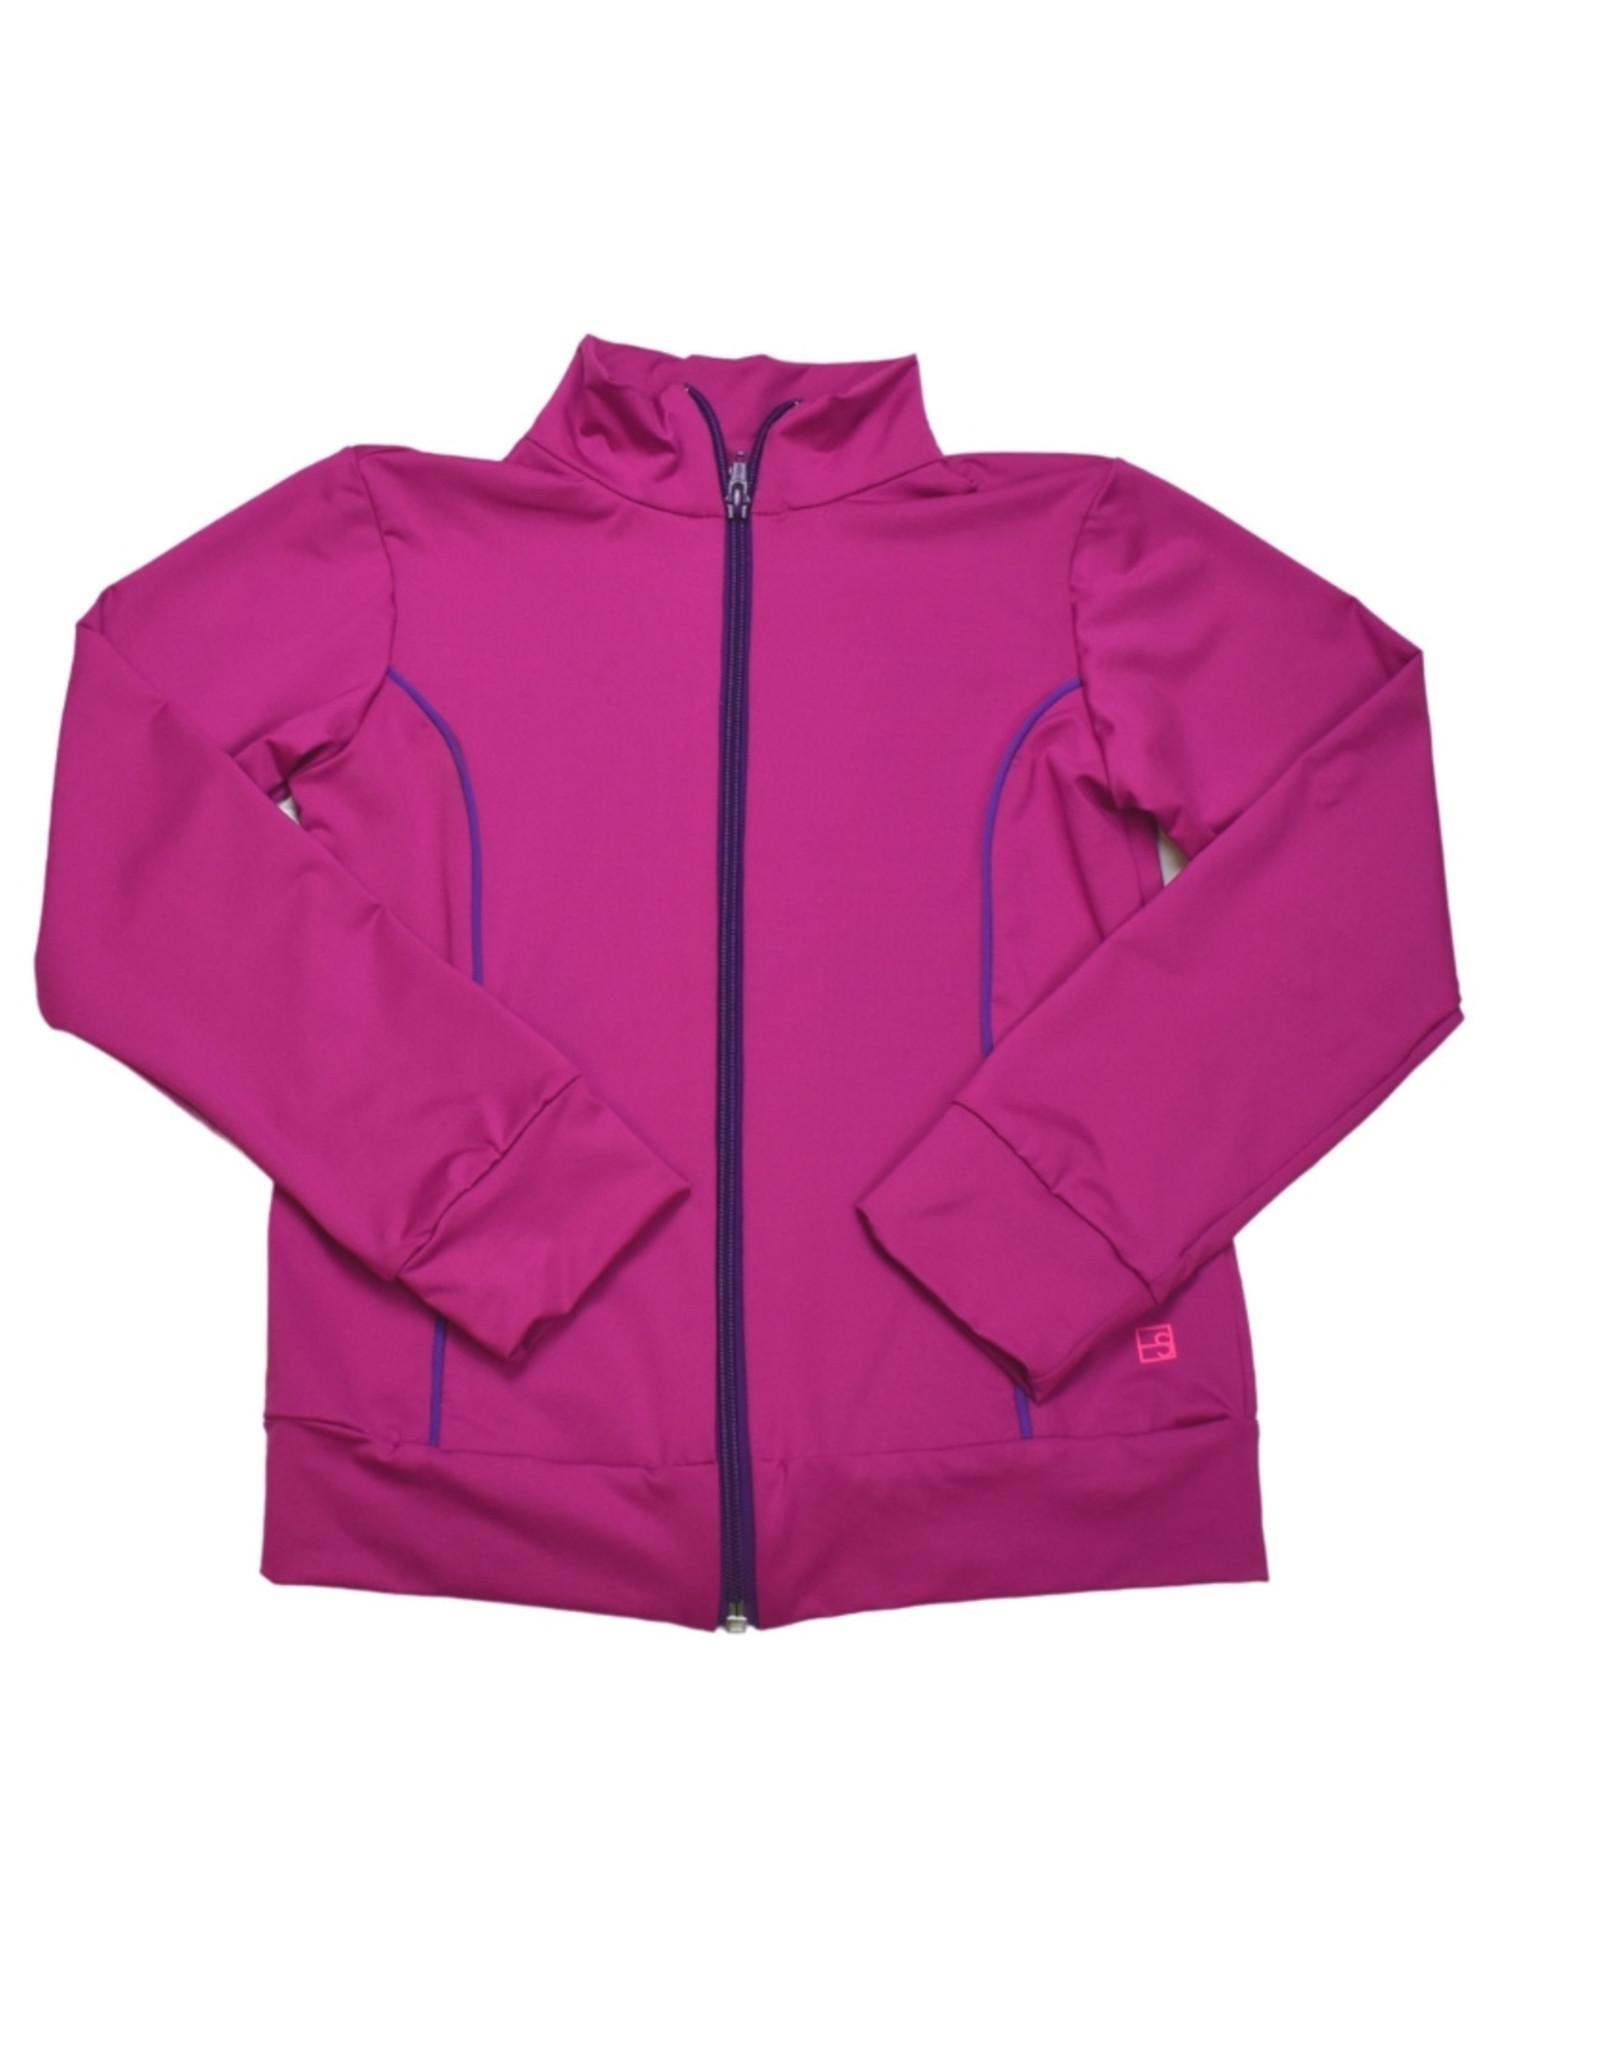 SET Juliet Dry Fit Jacket